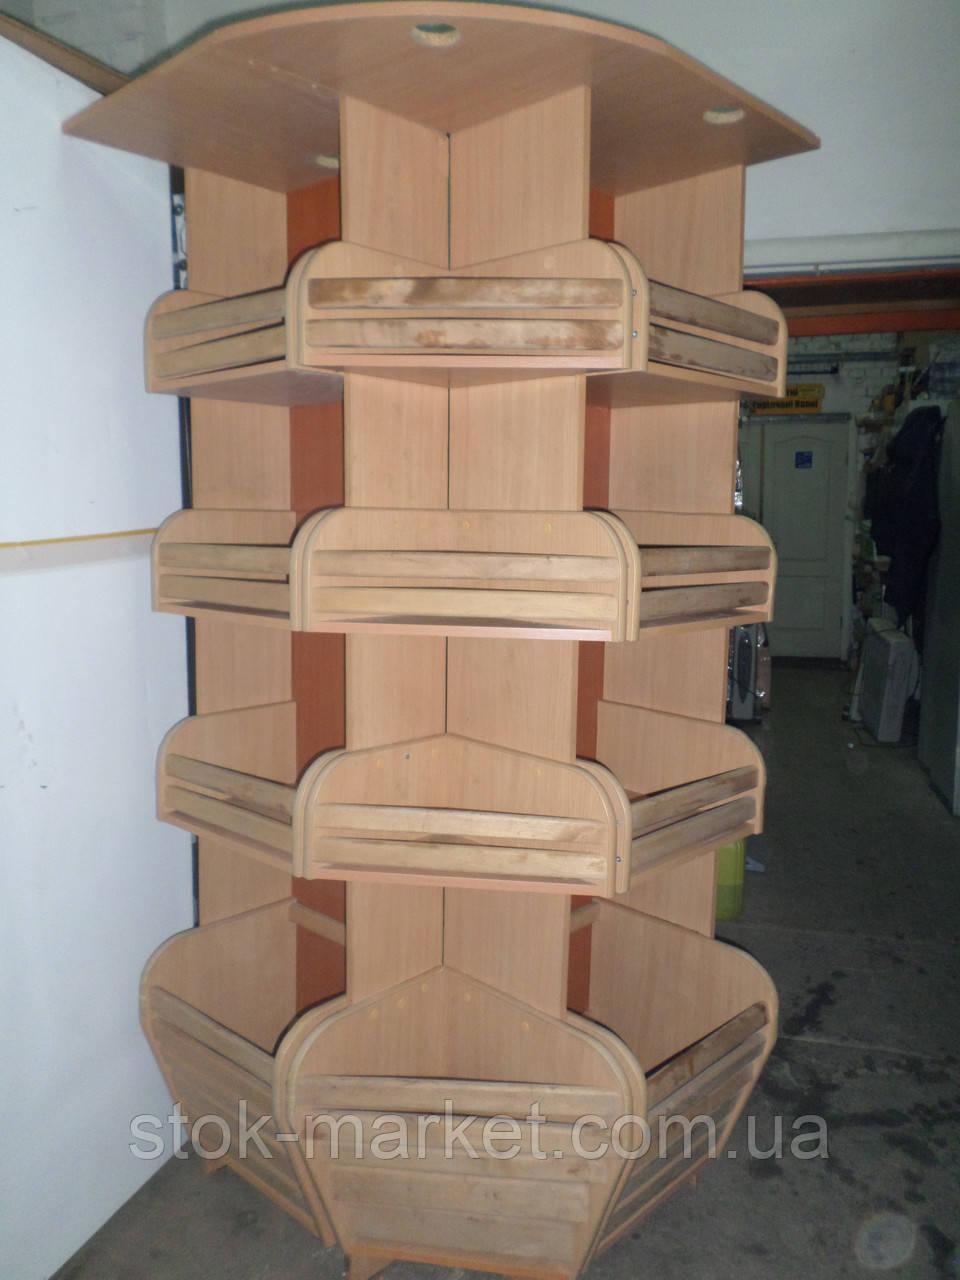 Стойка для выпечки и хлебобулочных изделий угловая